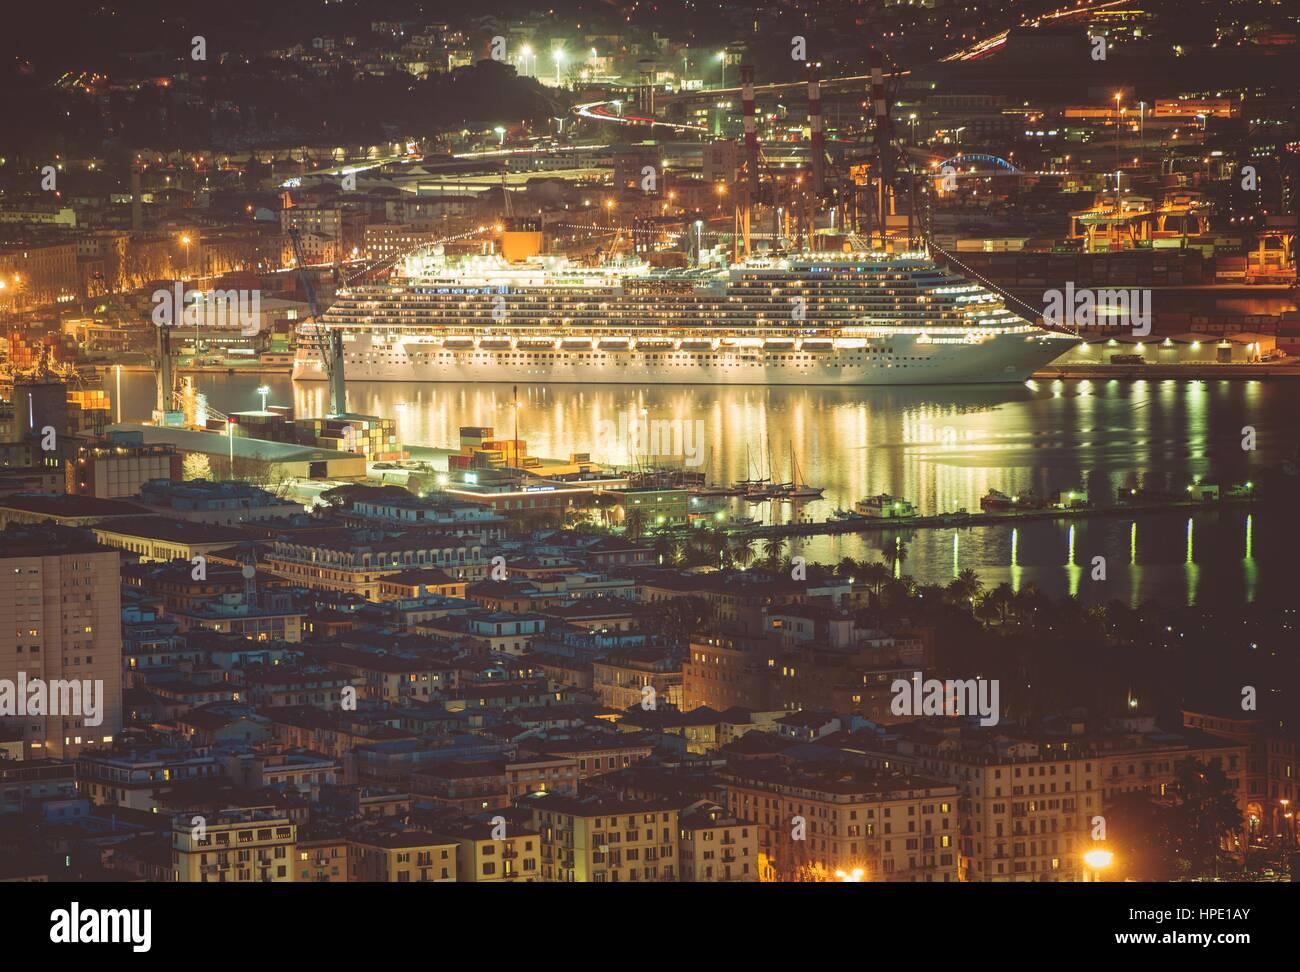 Cruise Ship in Port of La Spezia. Gulf of La Spezia. Liguria Region of Italy. Mediterranean Sea Cruises. - Stock Image